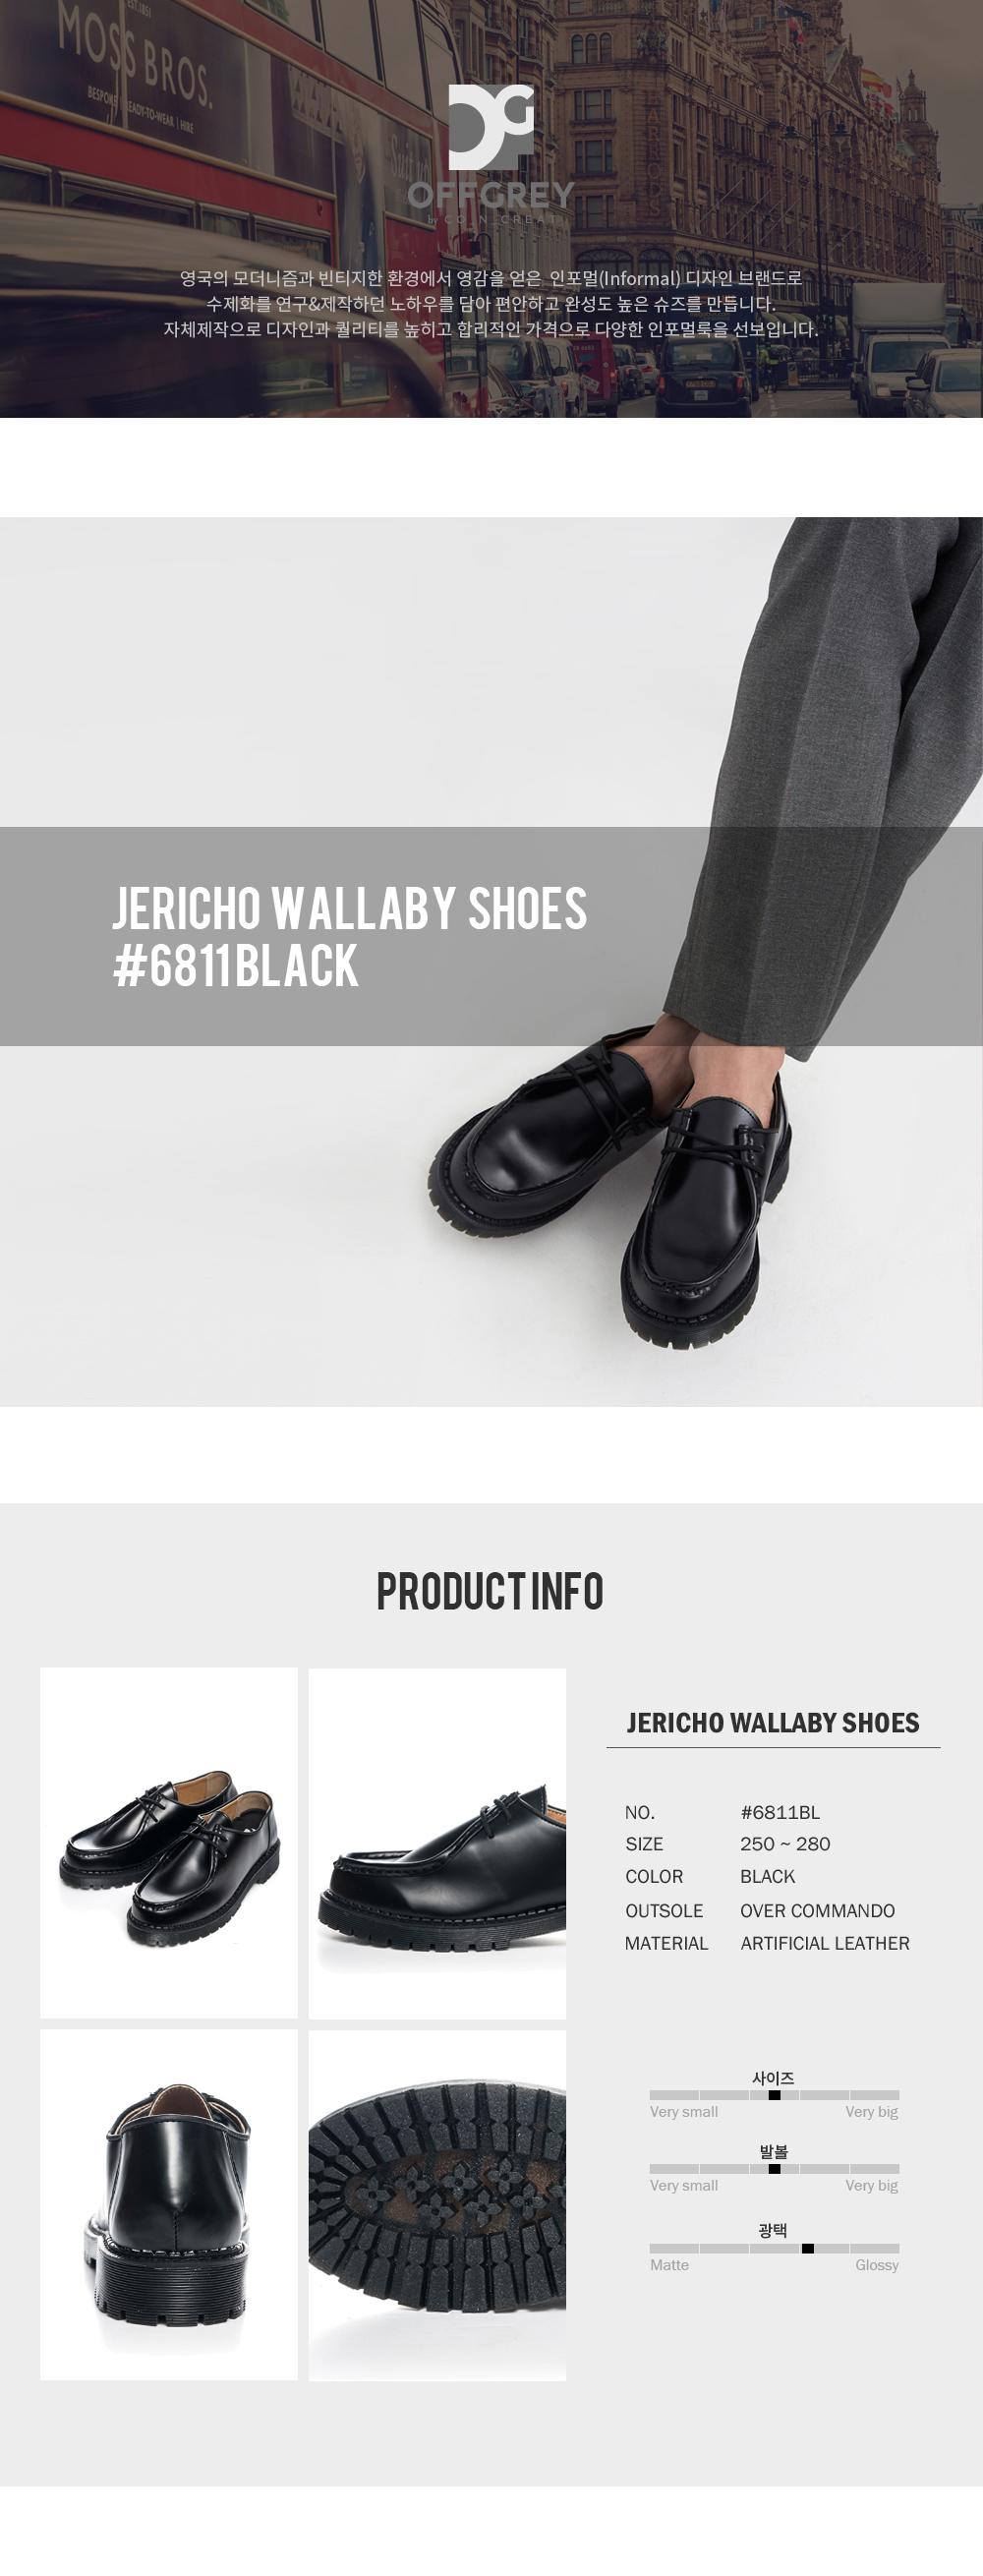 [오프그레이] 6811BL 제리코 블랙 왈라비 슈즈